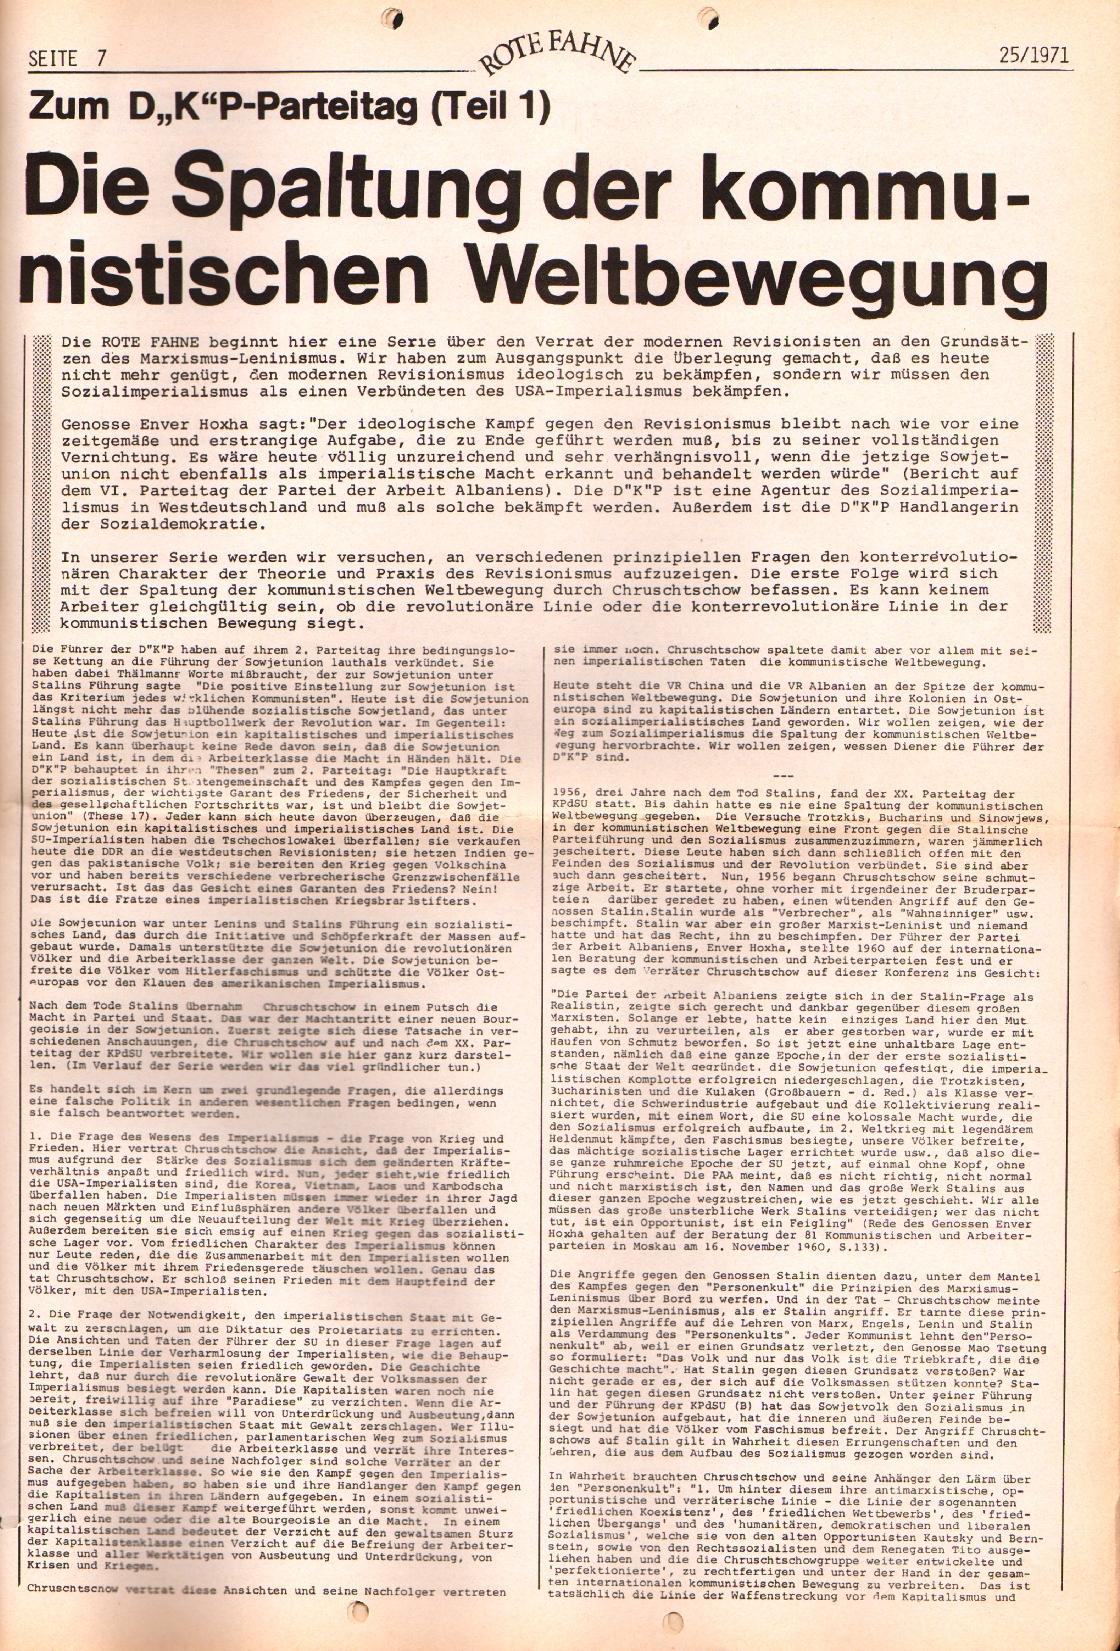 Rote Fahne, 2. Jg., 20.12.1971, Nr. 25, Seite 7